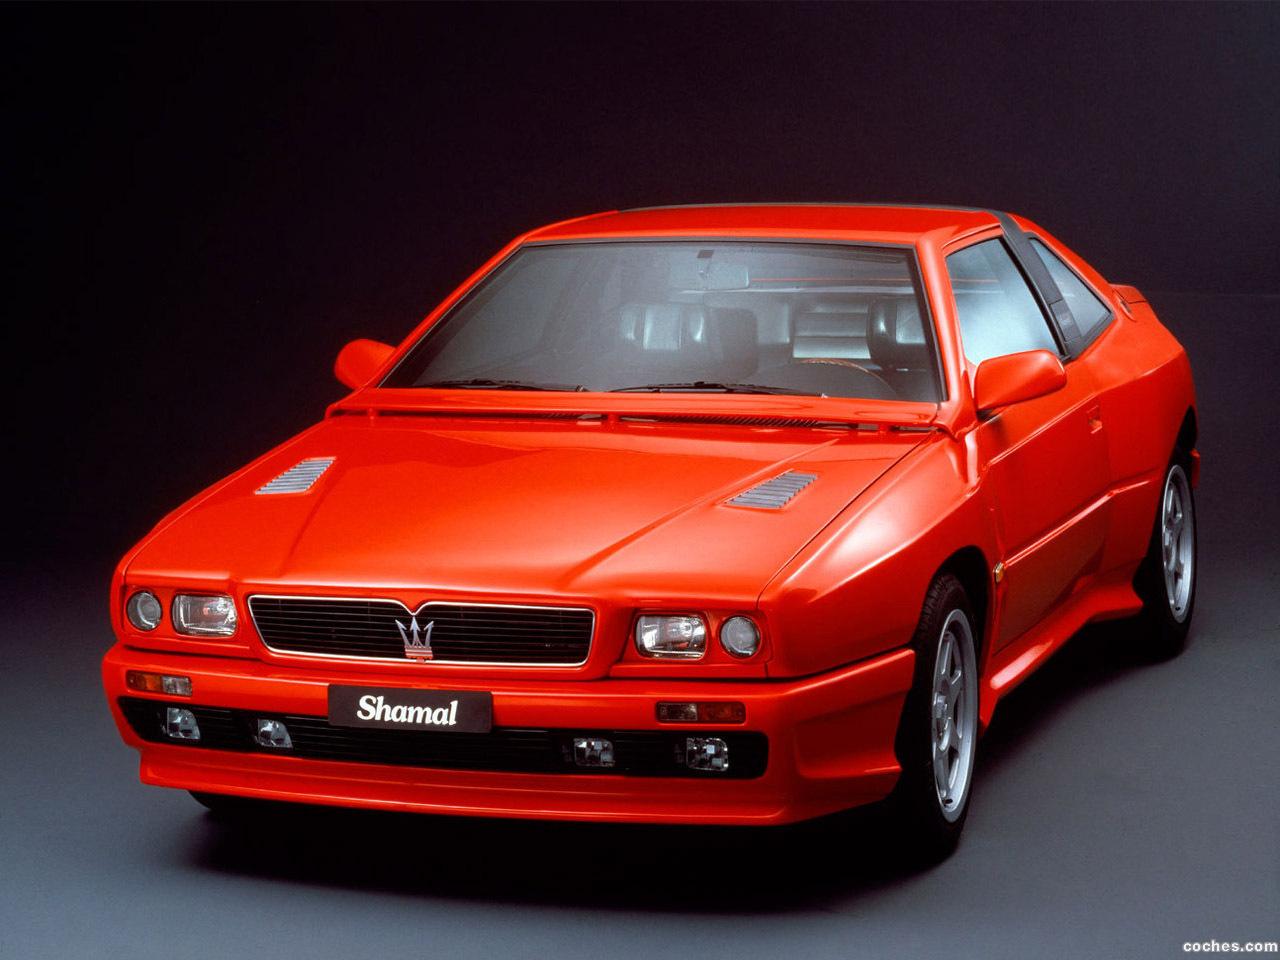 Foto 0 de Maserati Shamal 1989